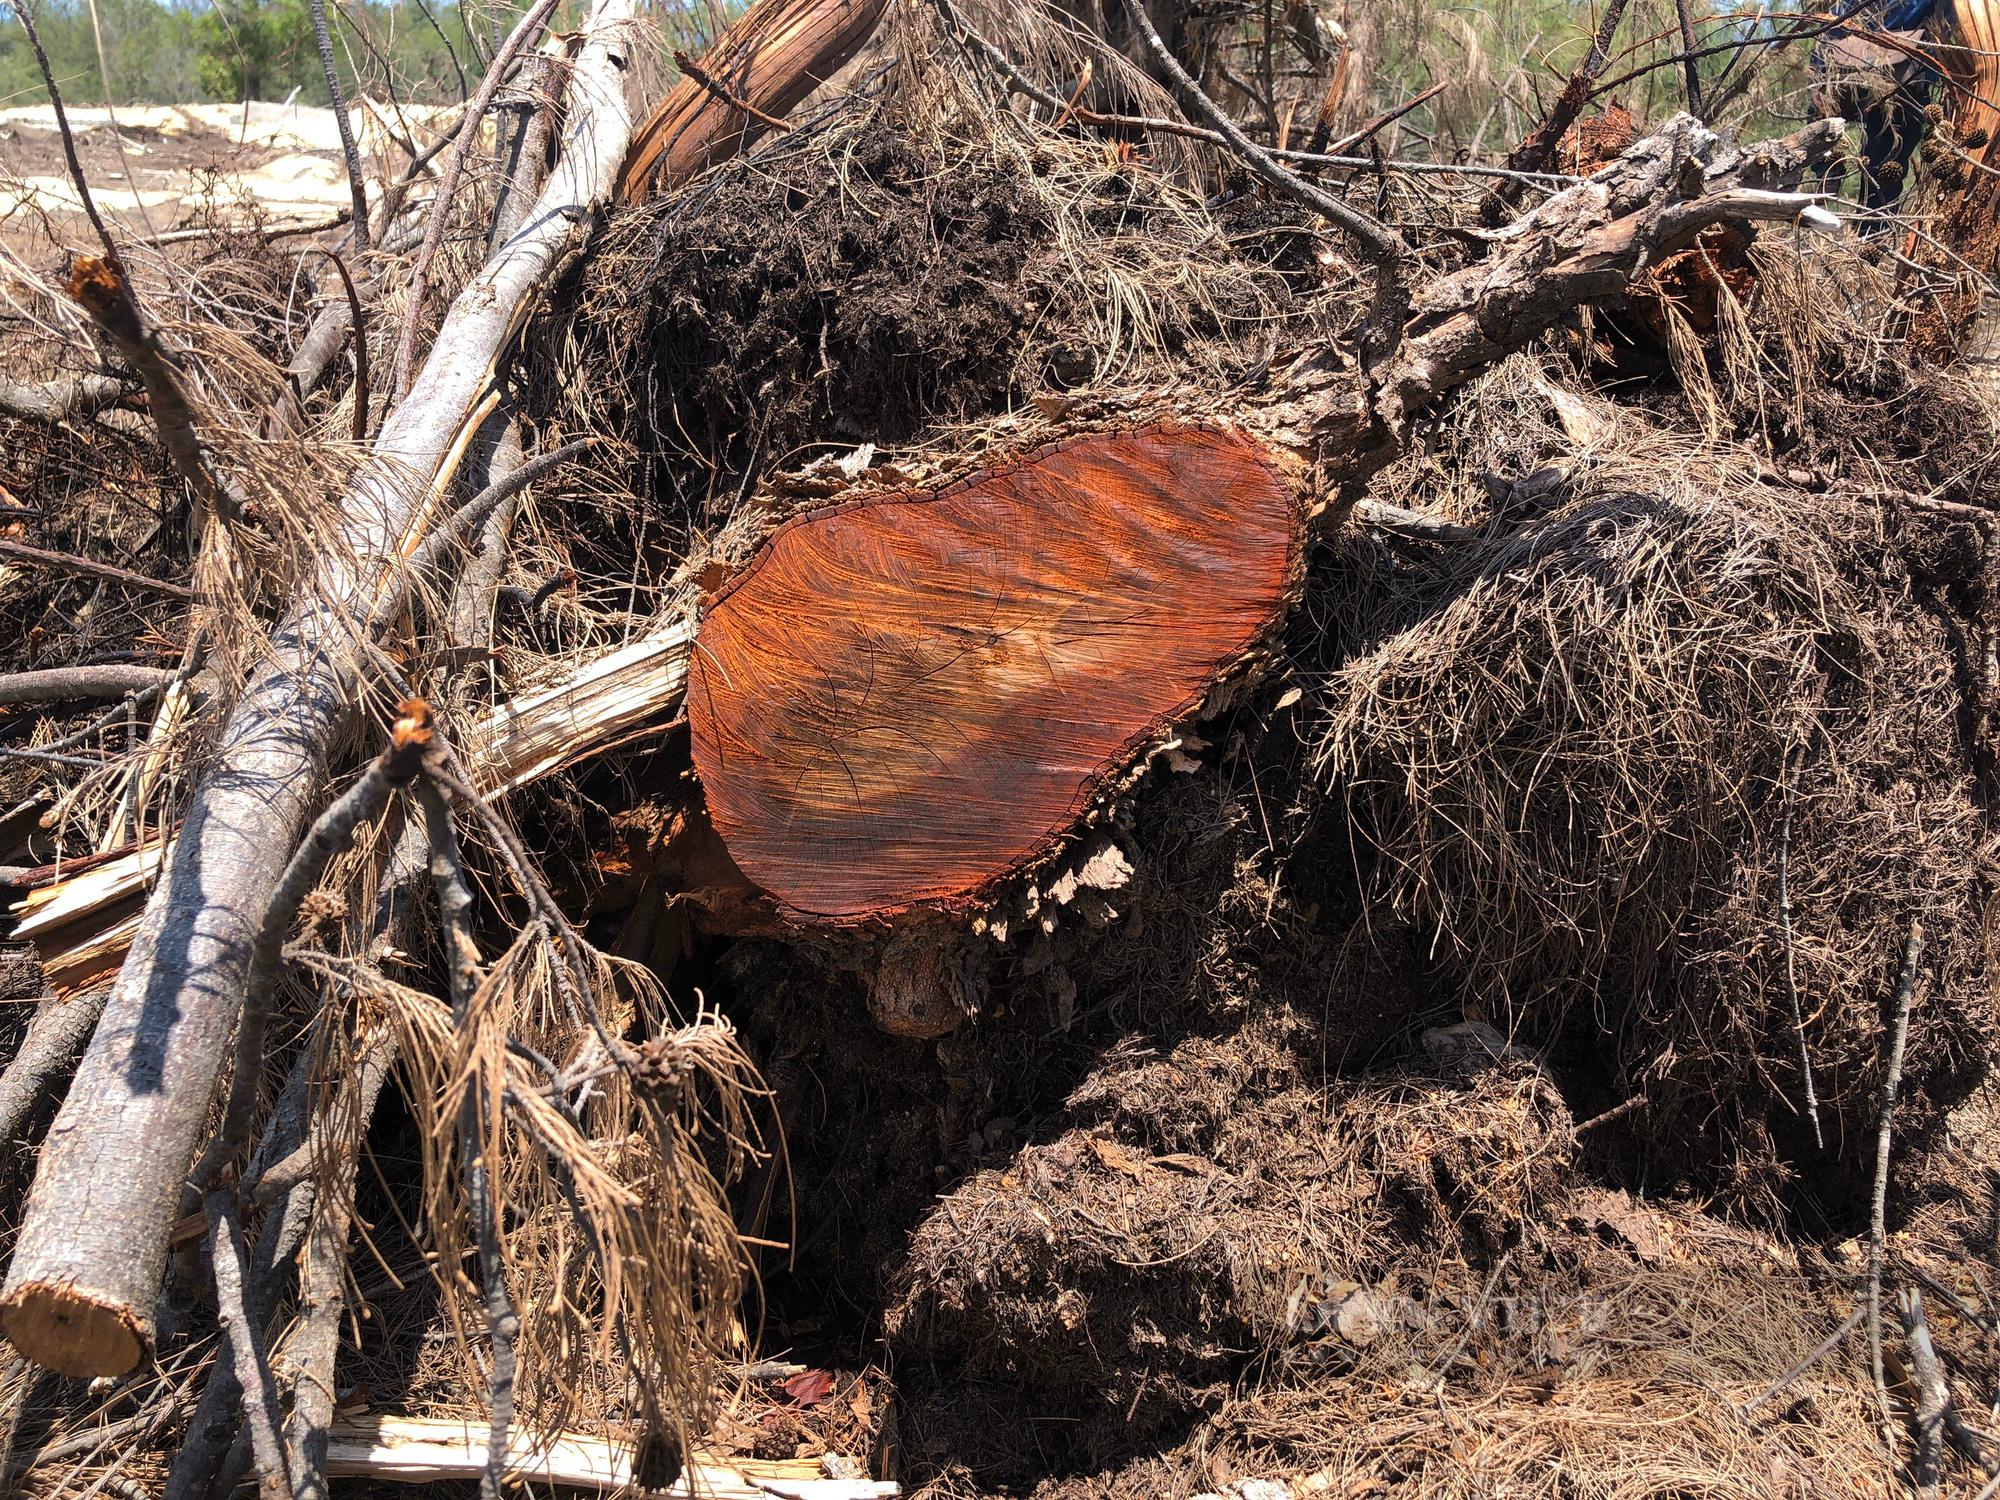 Tổng cục Lâm nghiệp lên tiếng sau 2 vụ phá rừng được phát hiện ở Bình Định